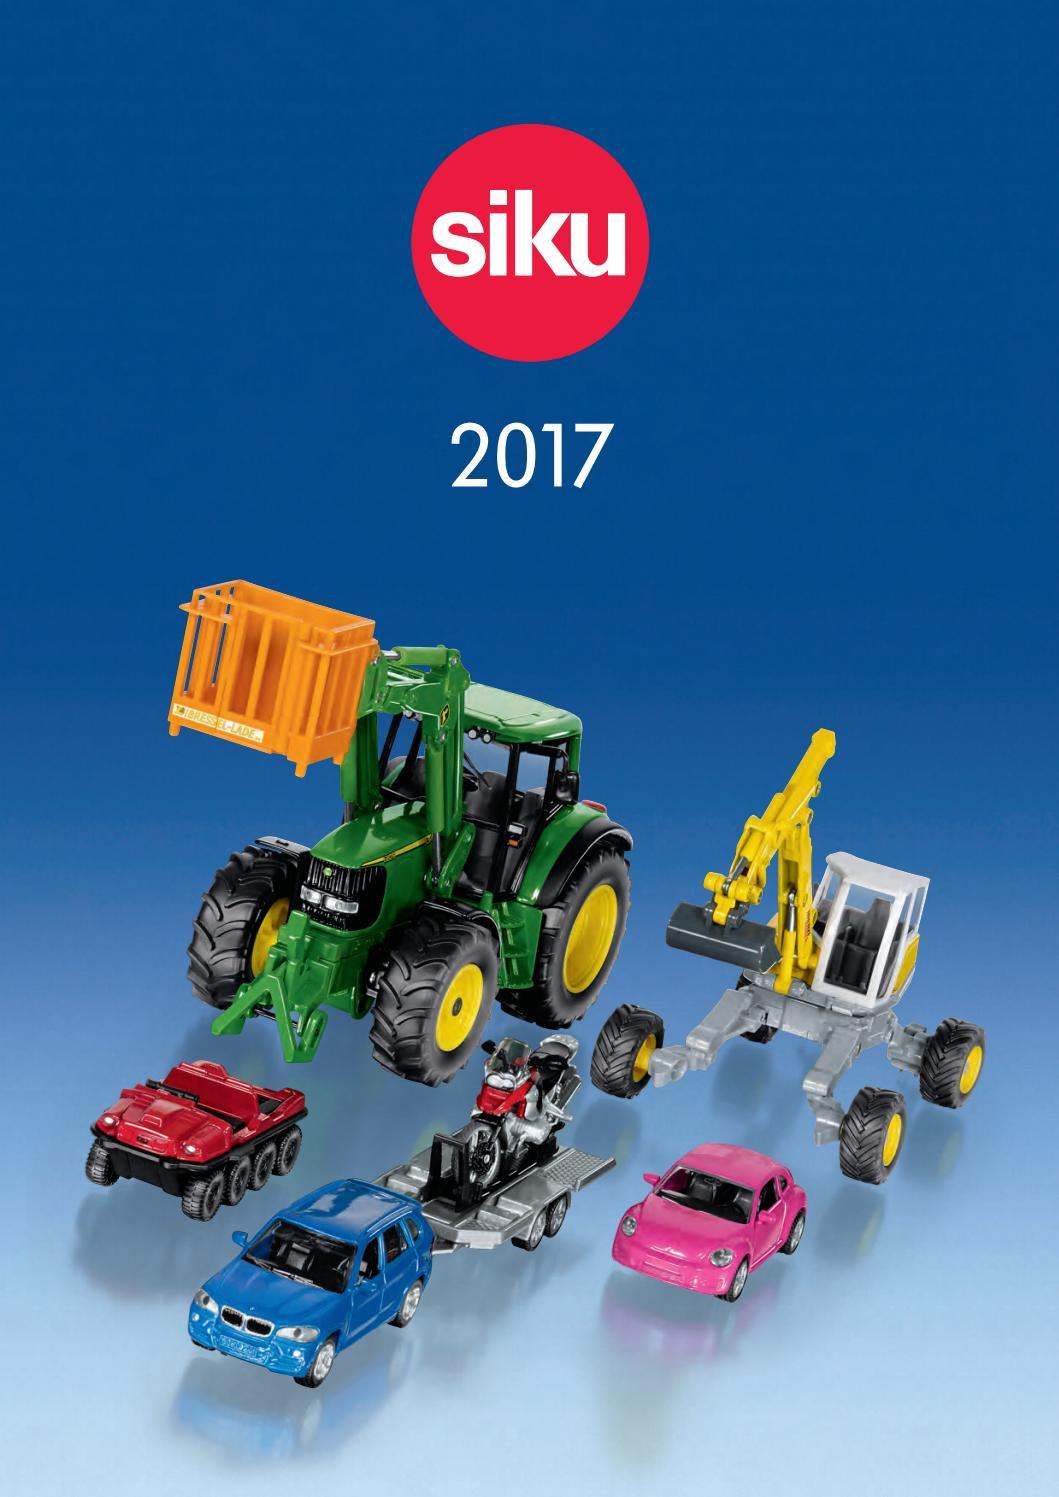 Siku. Catálogo 2017 by Daniel Salvadó issuu